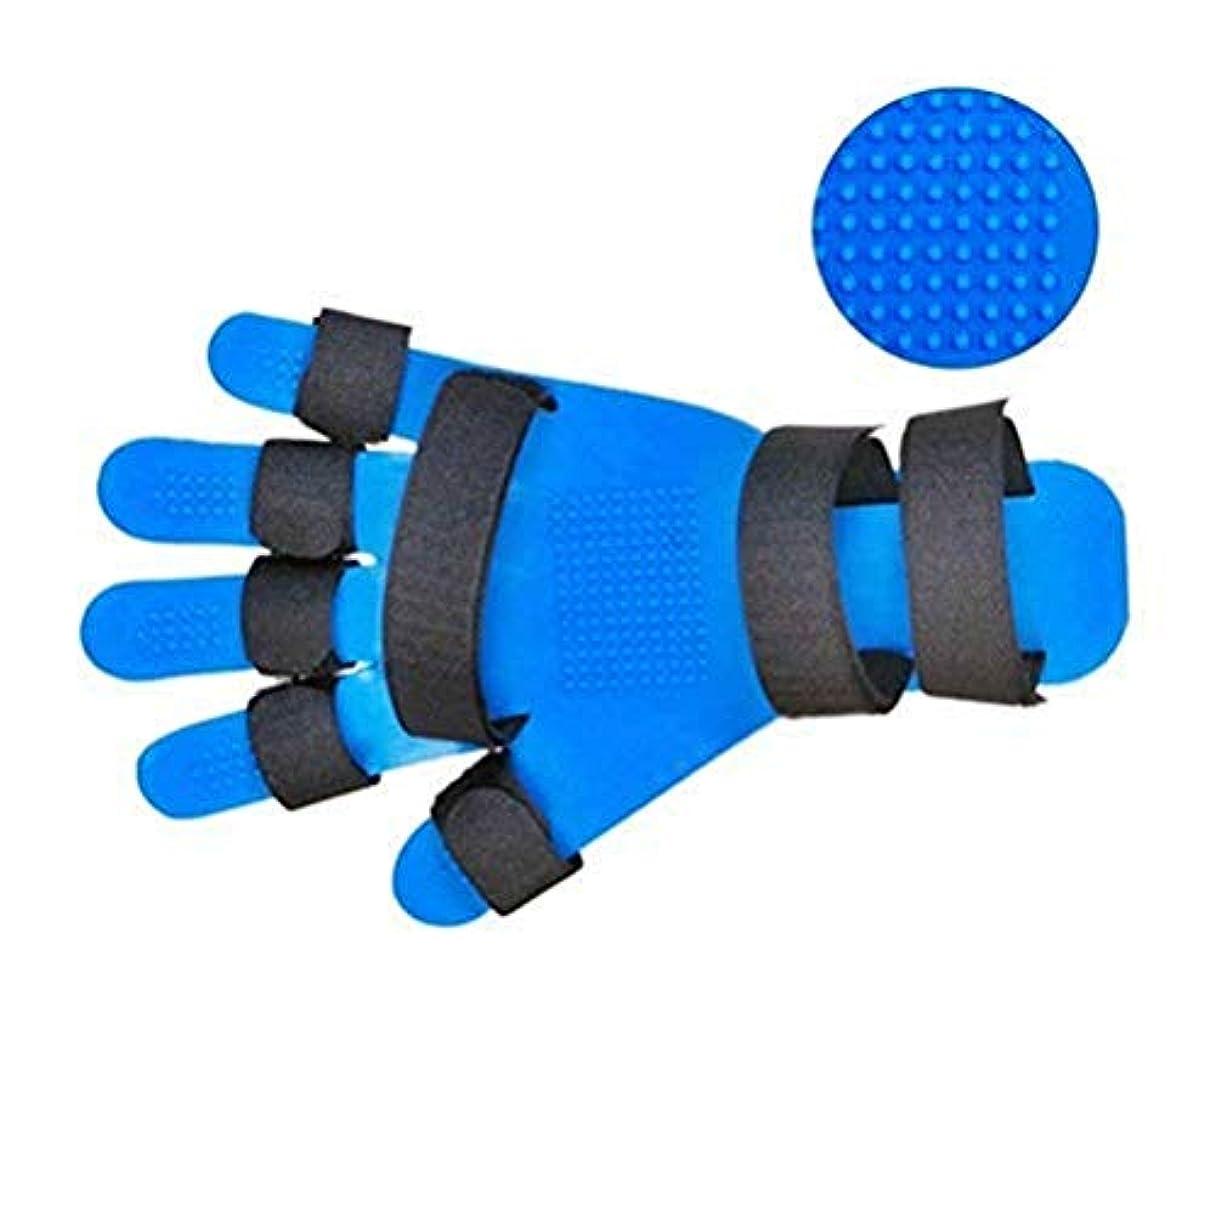 代わってアレルギー性感性フィンガースプリントフィンガー拡張スプリント、指の骨折、傷、手首のトレーニング装具のために指セパレーターインソール